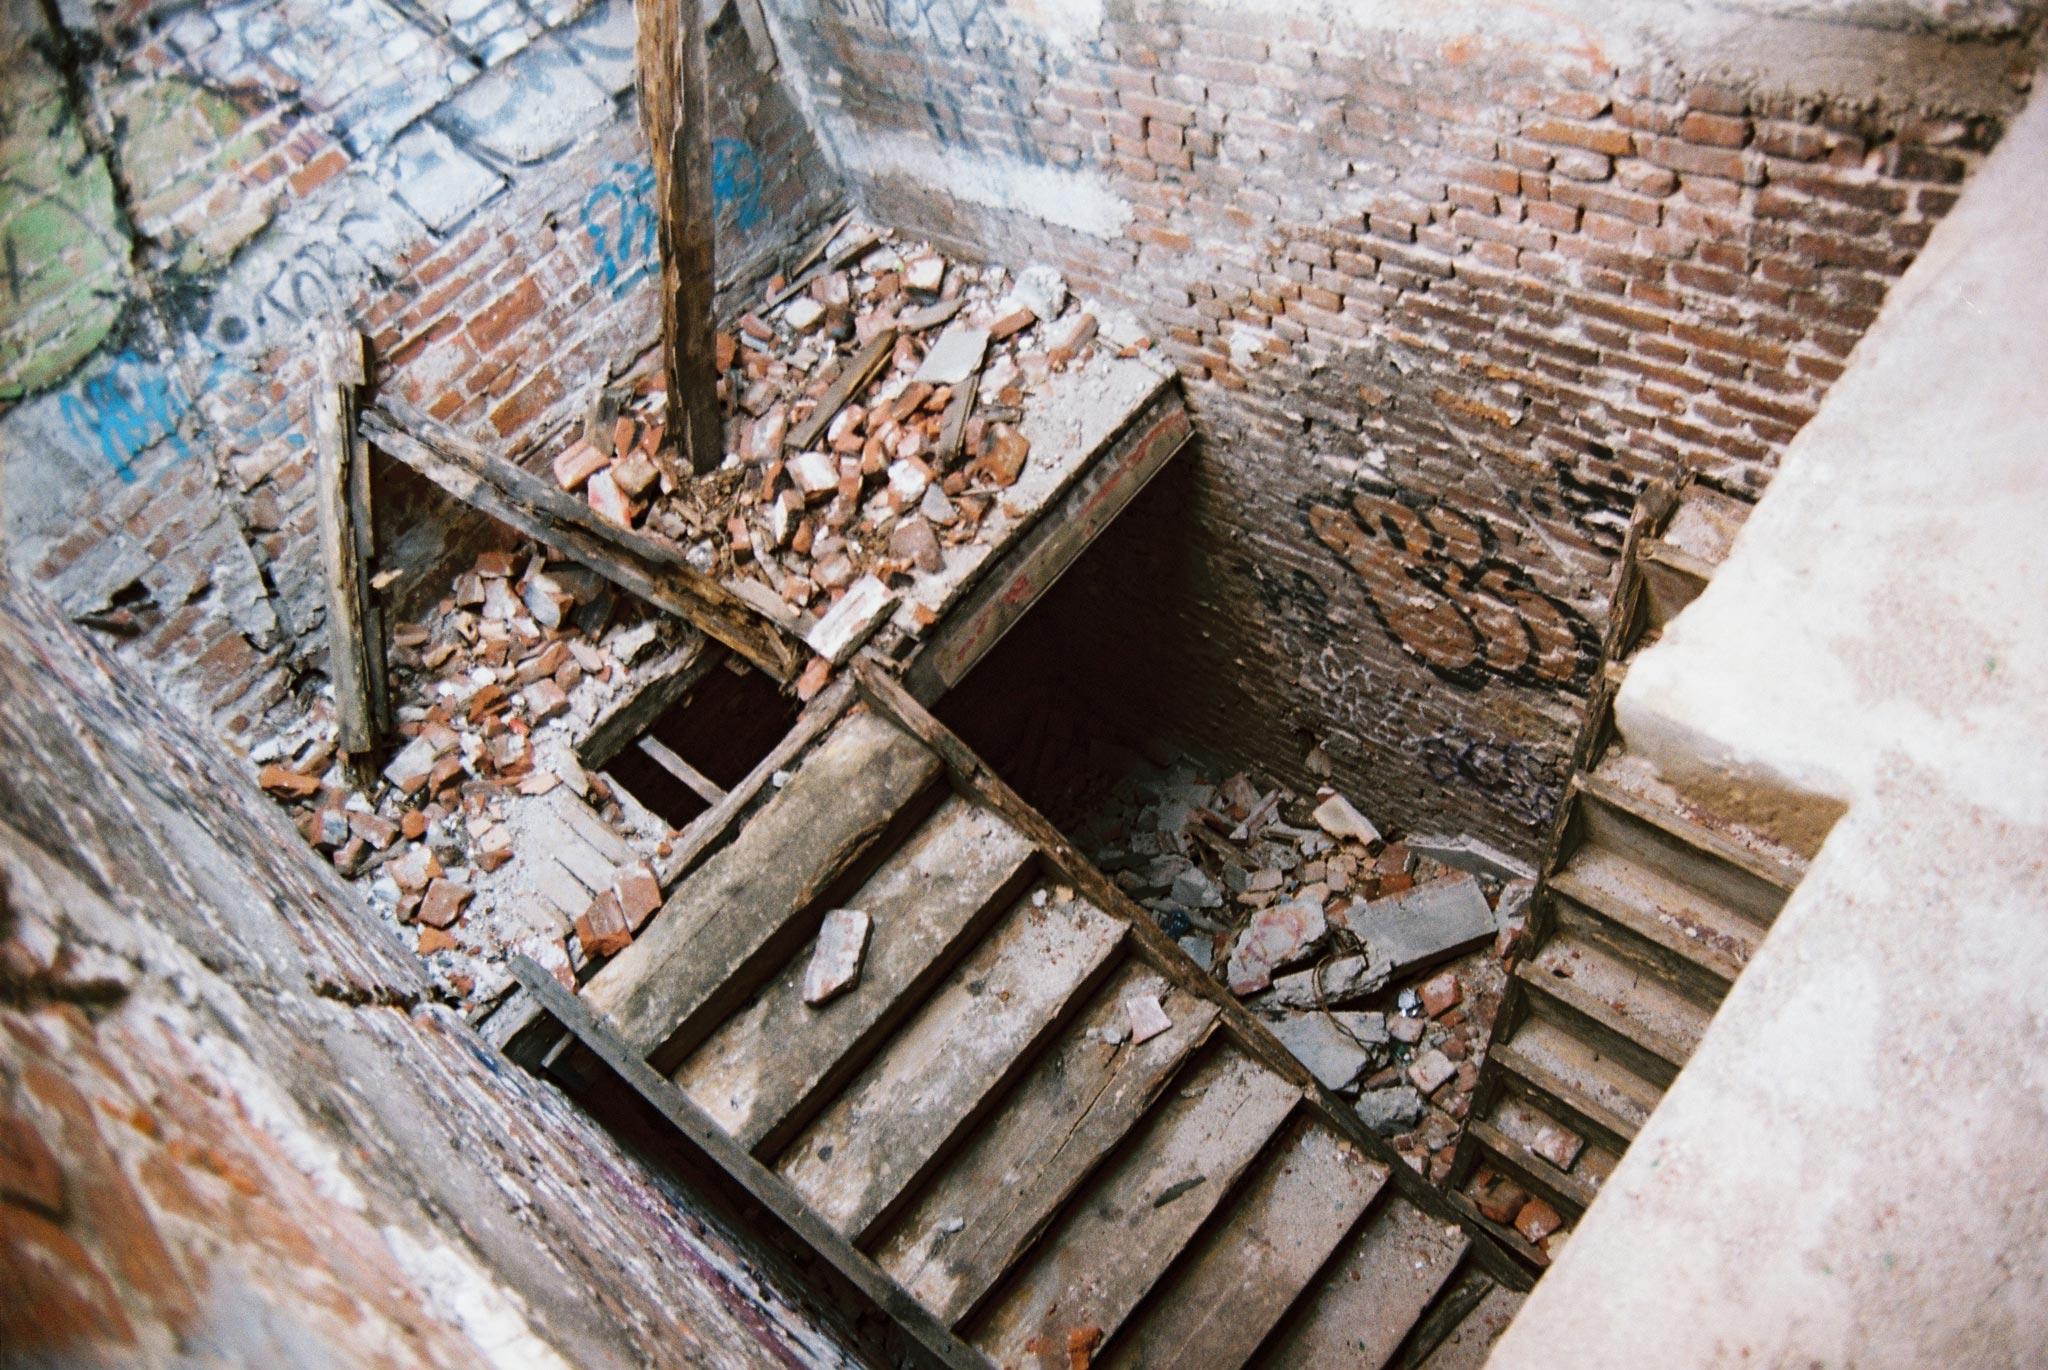 plovdiv-street-fotografia-sgrada-stara-arhitektura-razrushena